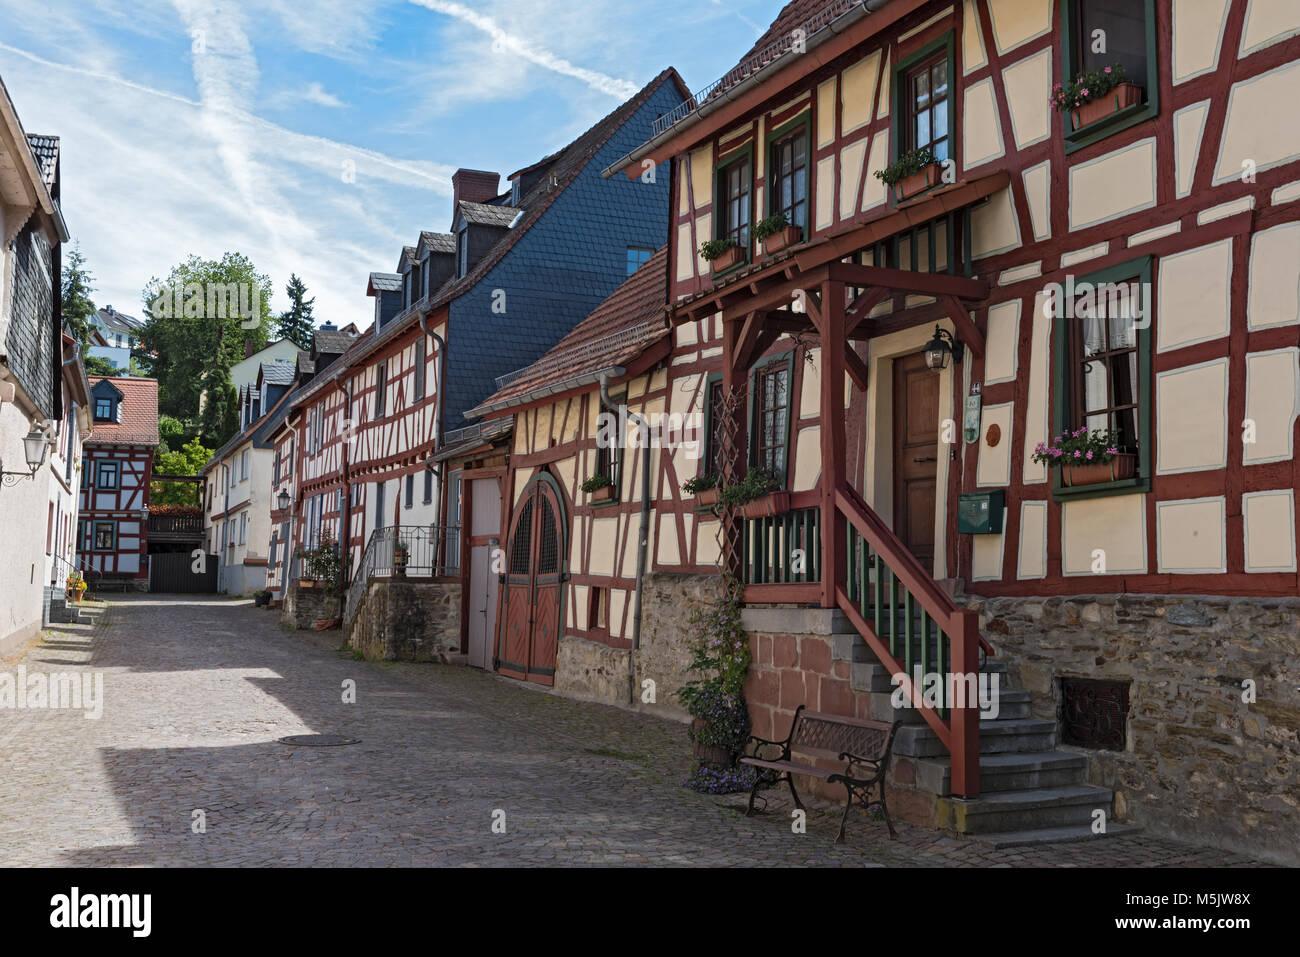 Pequeño callejón de casas con entramado de madera en el casco antiguo de la ciudad de Idstein, Hesse, Imagen De Stock